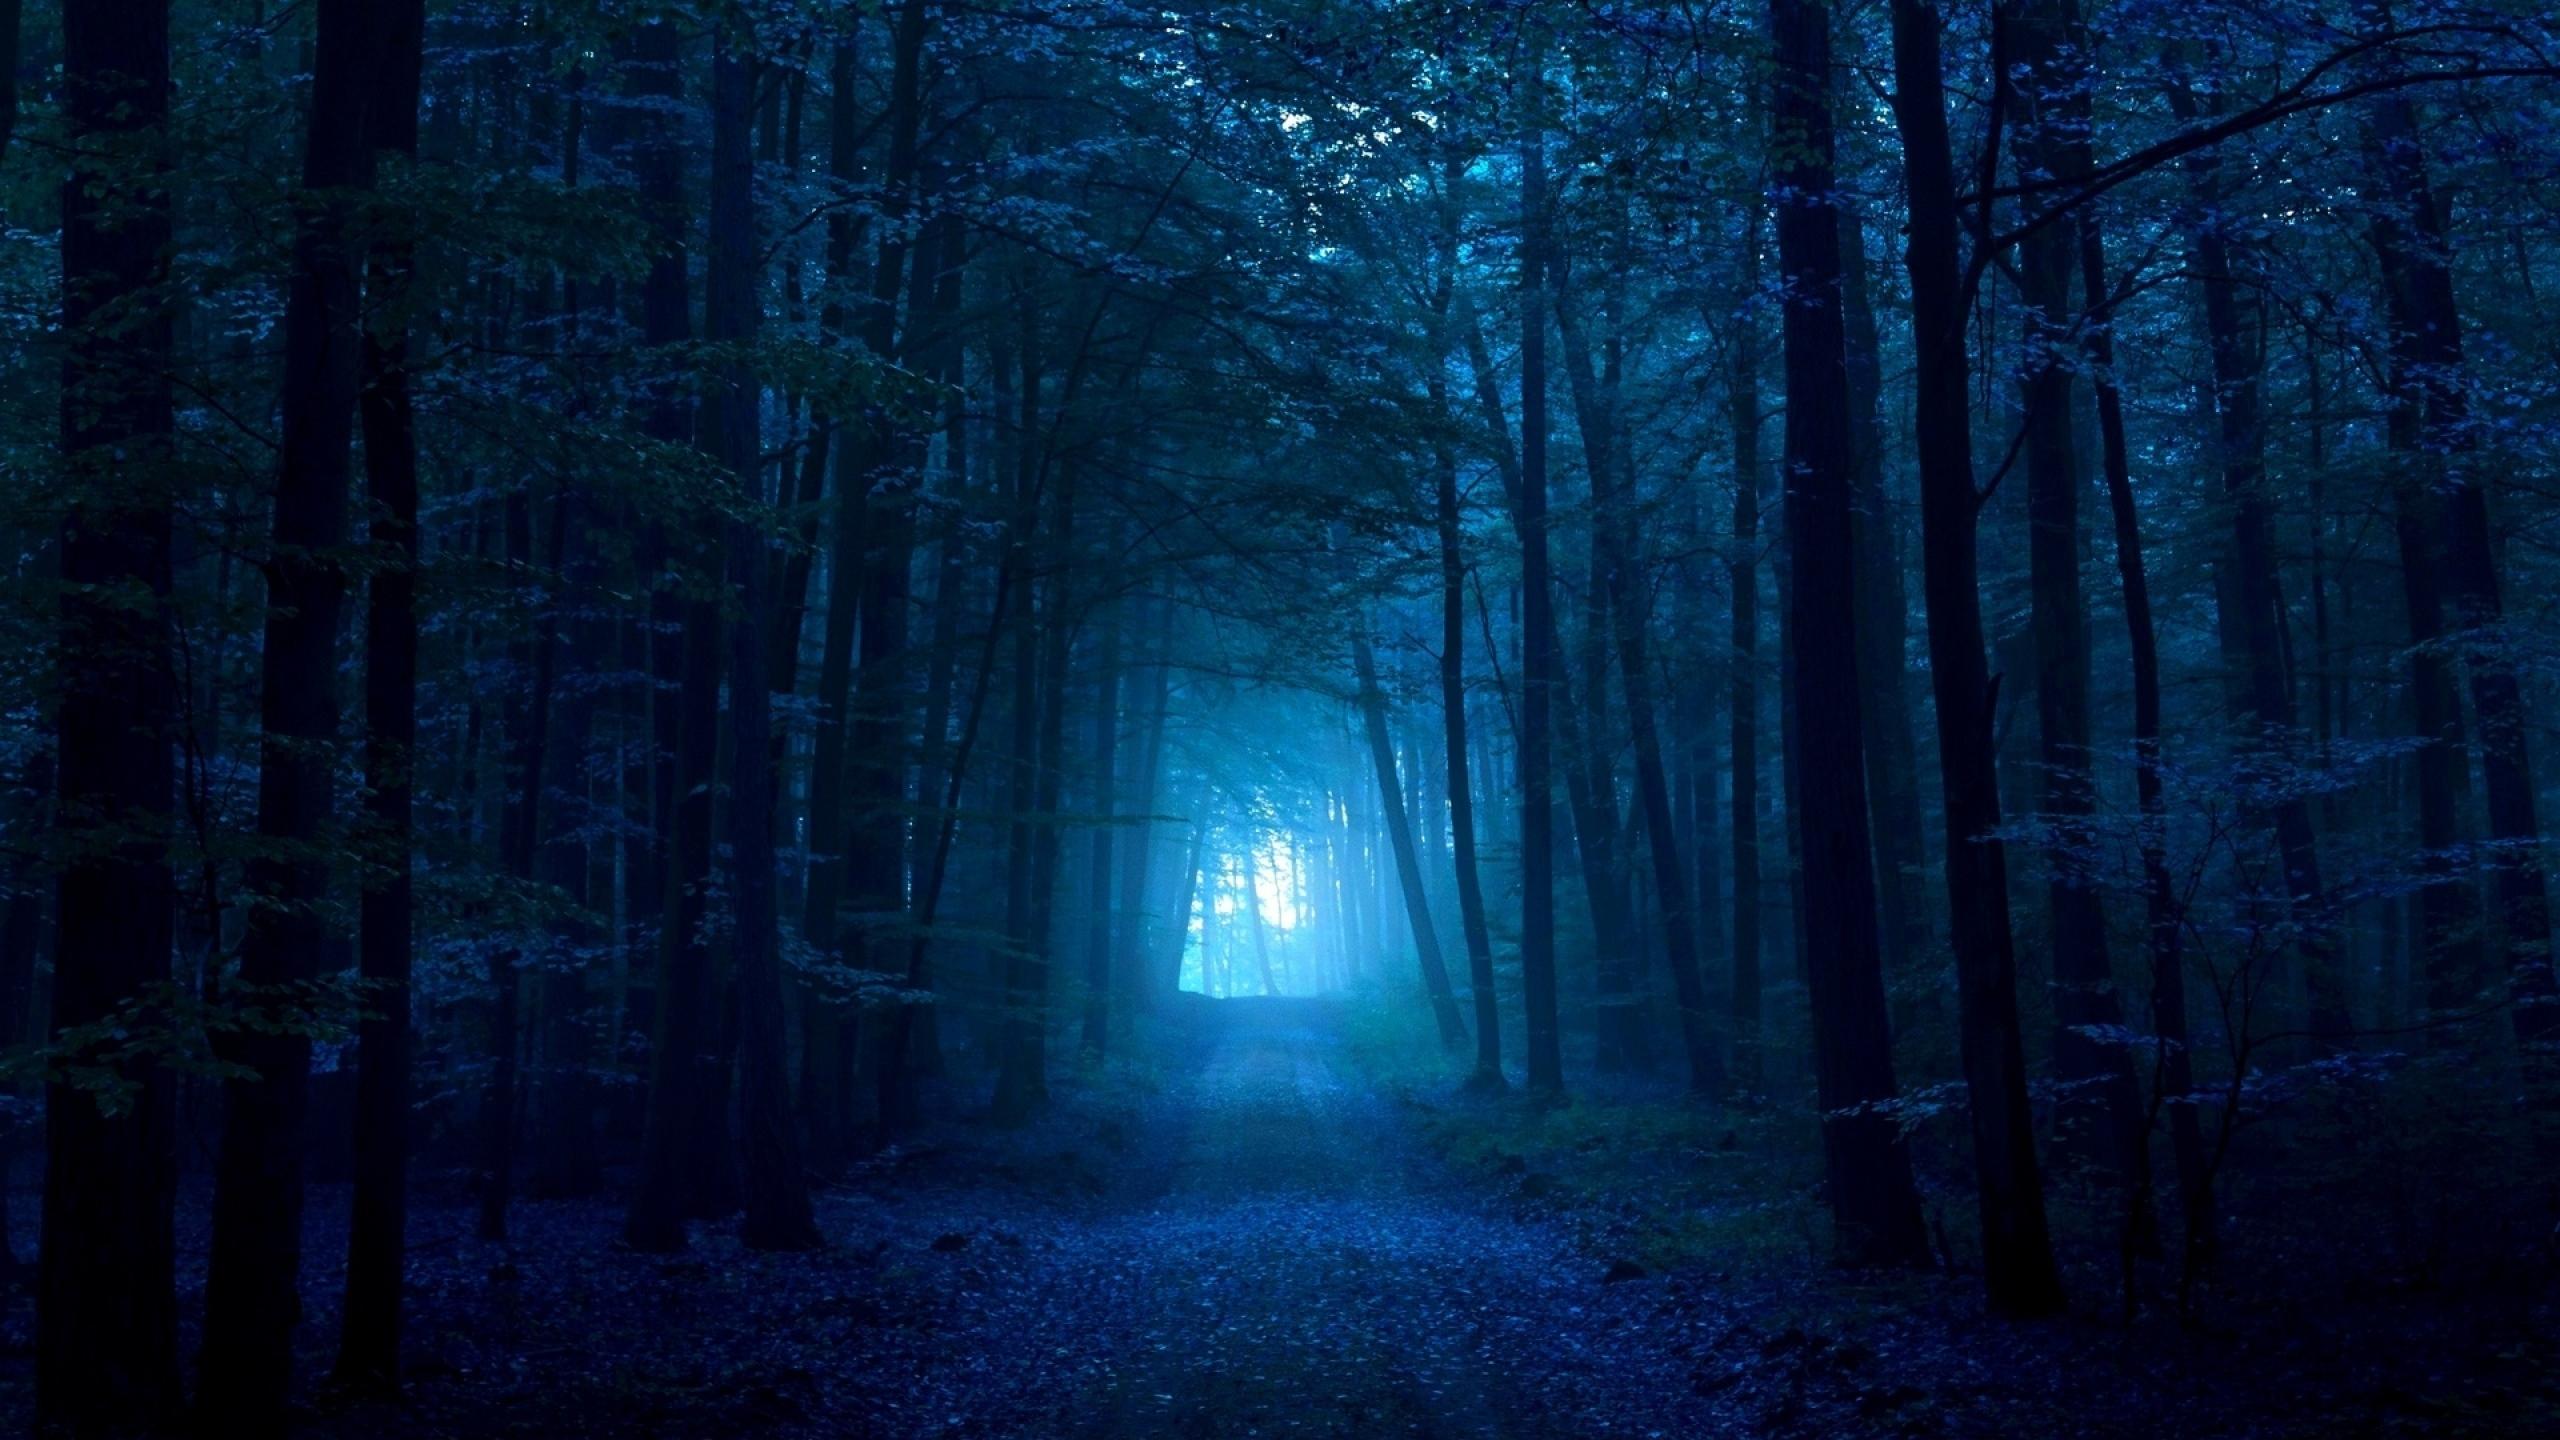 wood__53925_2560x1440